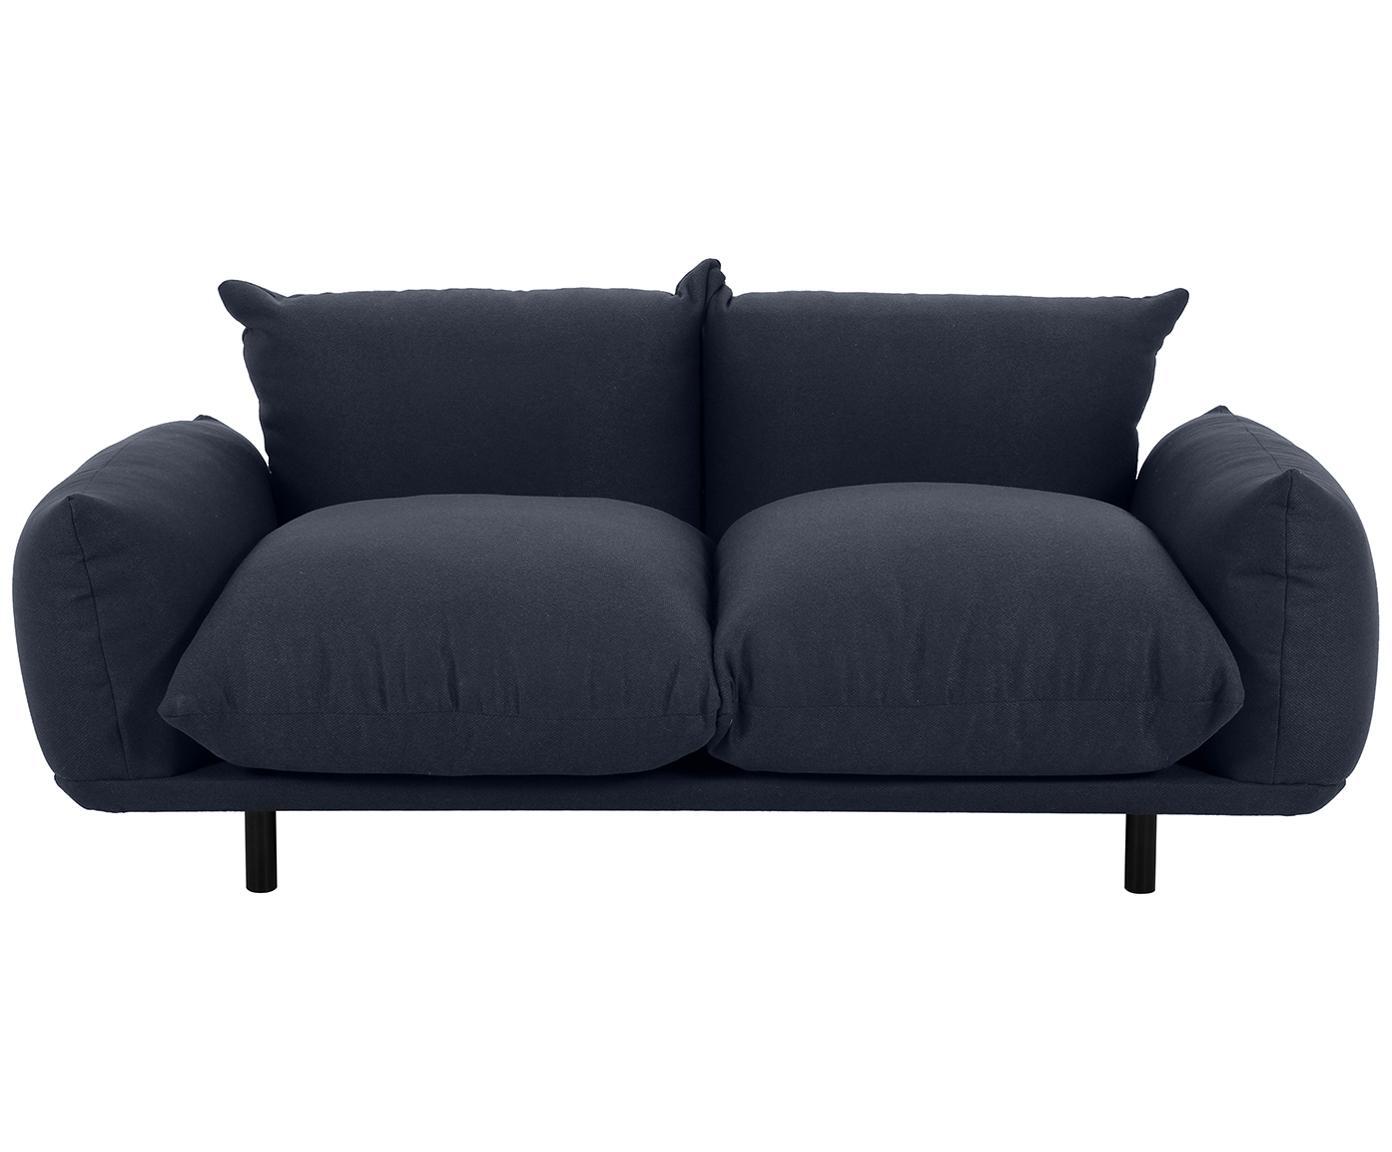 Sofa Saga (3-osobowa), Tapicerka: 100% poliester 35 000 cyk, Stelaż: lite drewno brzozowe, Nogi: metal malowany proszkowo, Ciemny niebieski, S 170 x G 103 cm